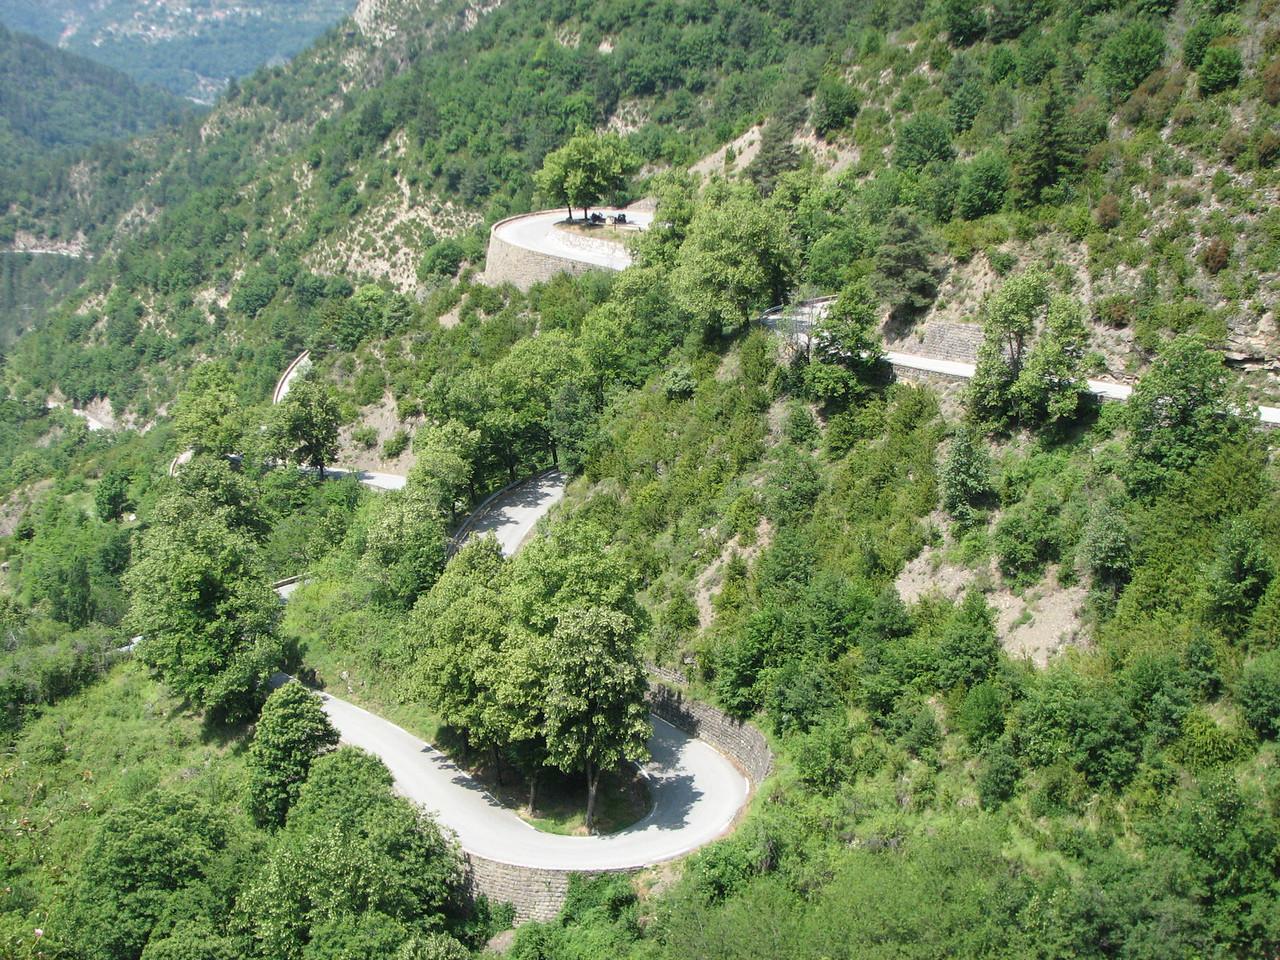 Col de Turini, klassieker onder de klassiekers